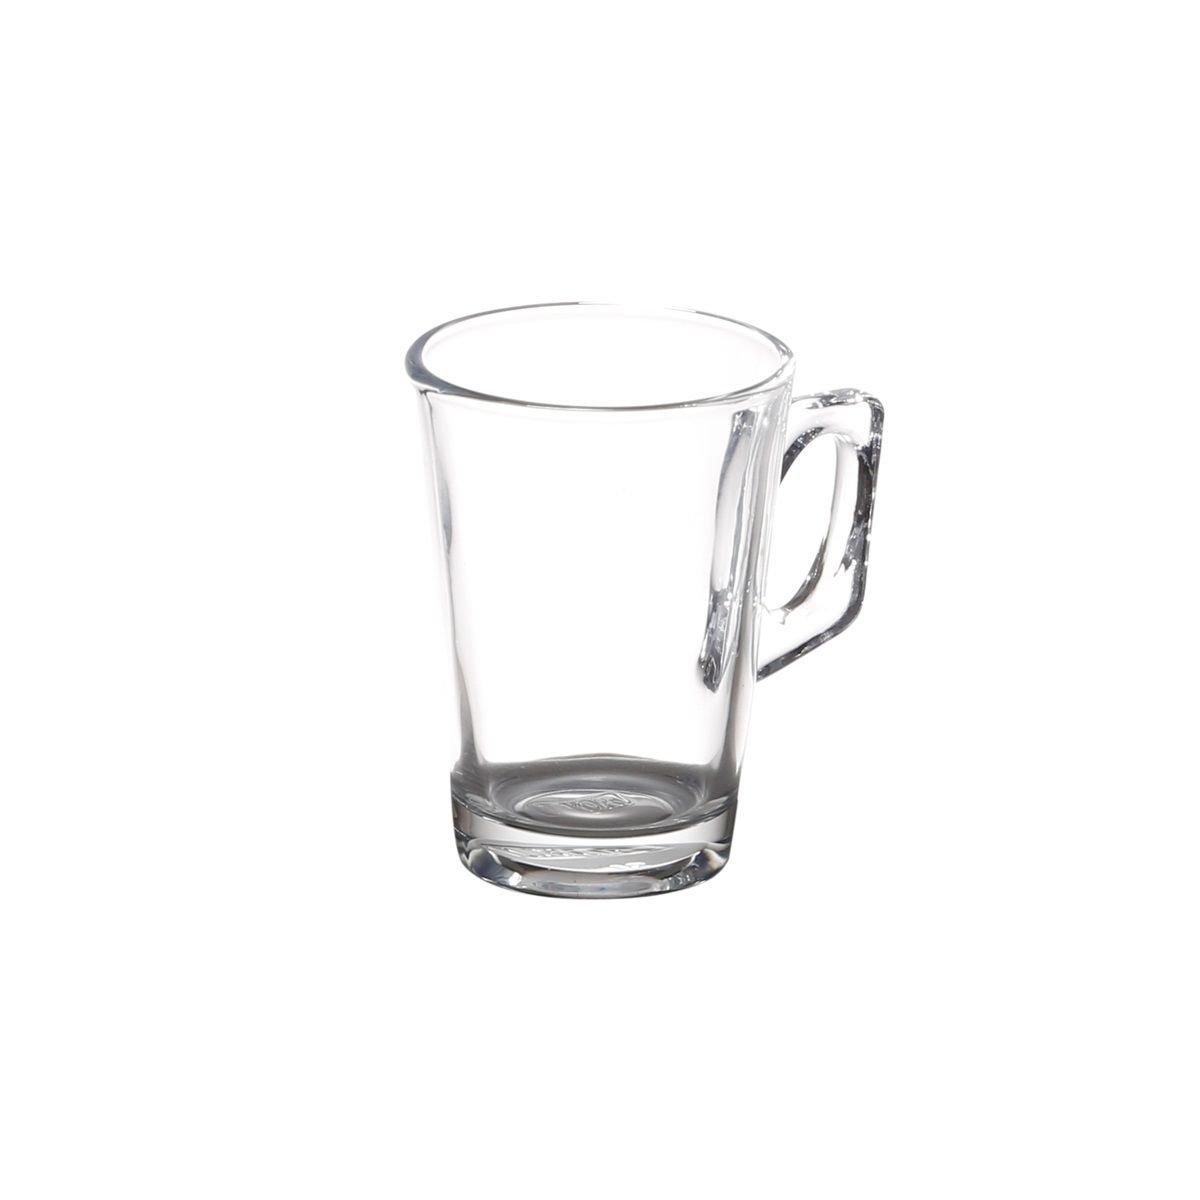 Jogo 6 copos 150ml para café de vidro transparente com alça Experience Lyor - L6270